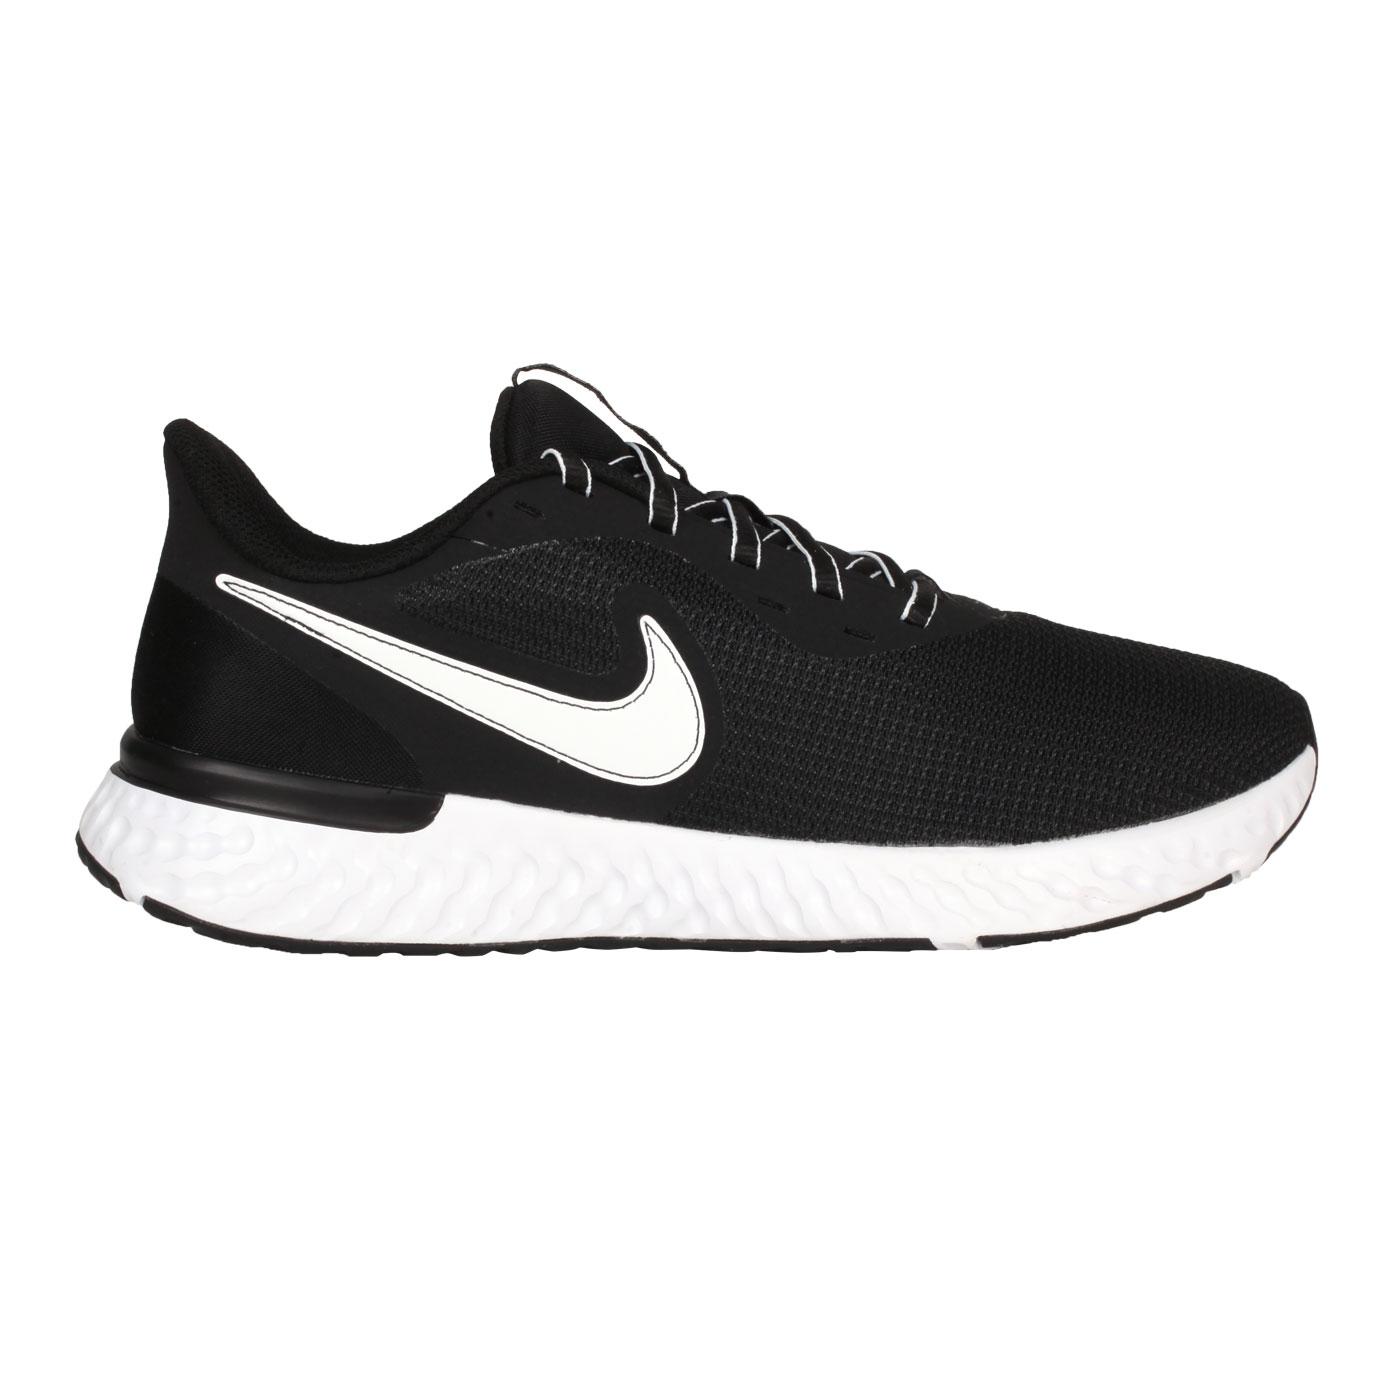 NIKE 男款慢跑鞋  @REVOLRTION 5 EXT@CZ8591001 - 黑白